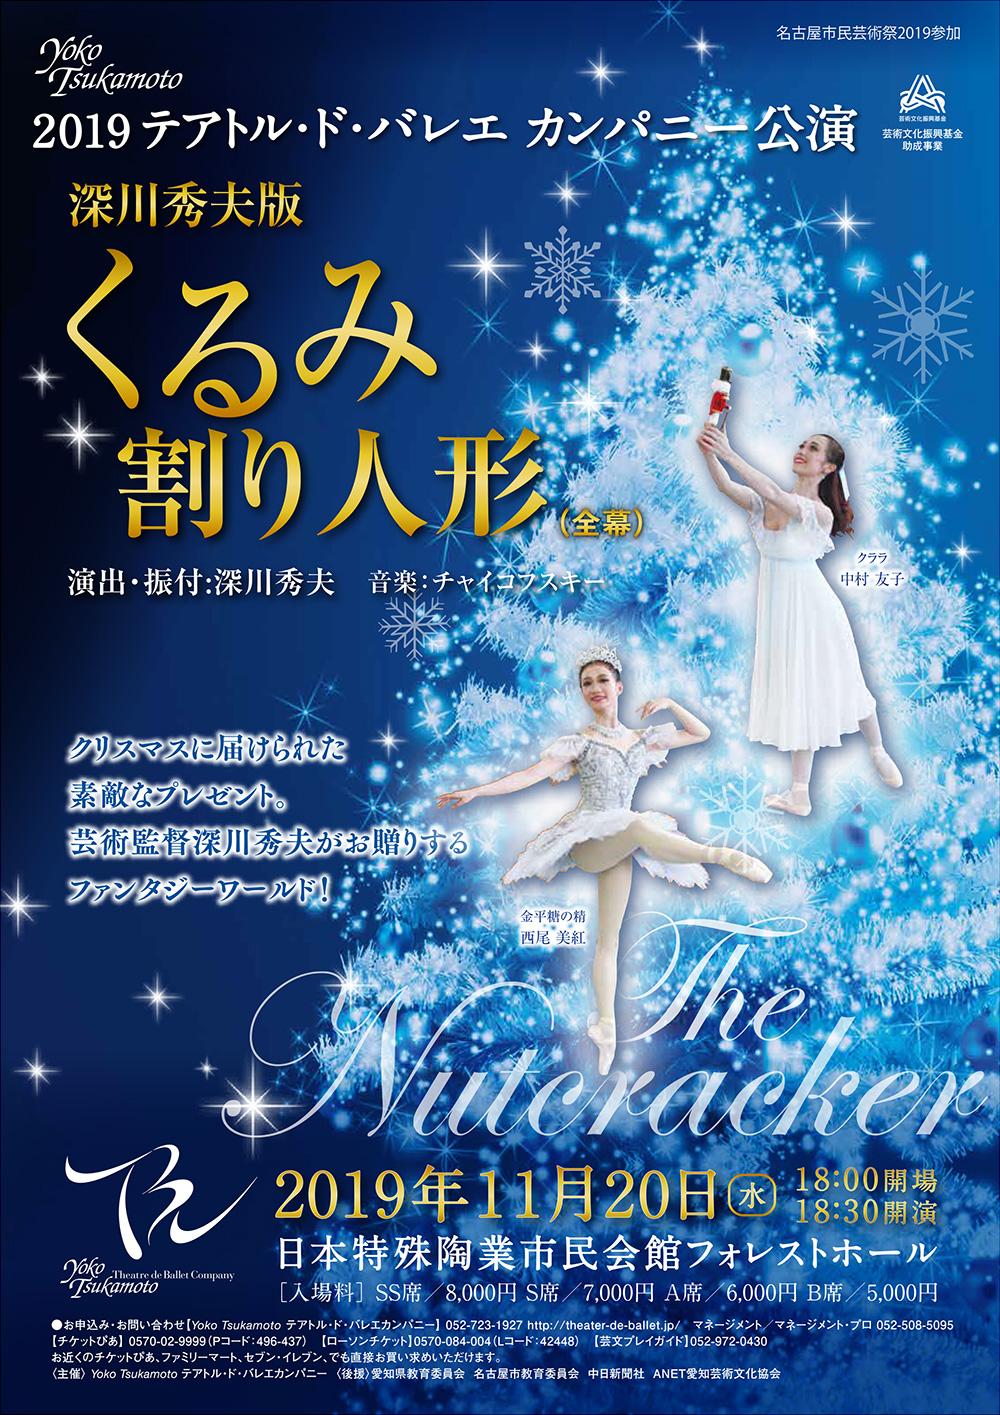 公演情報 - 最新の公演情報|テアトル・ド・バレエカンパニー&アカデミーは名古屋のバレエスクール。名古屋市千種区・一宮にバレエ教室があり、初心者から楽しくレッスンできます。